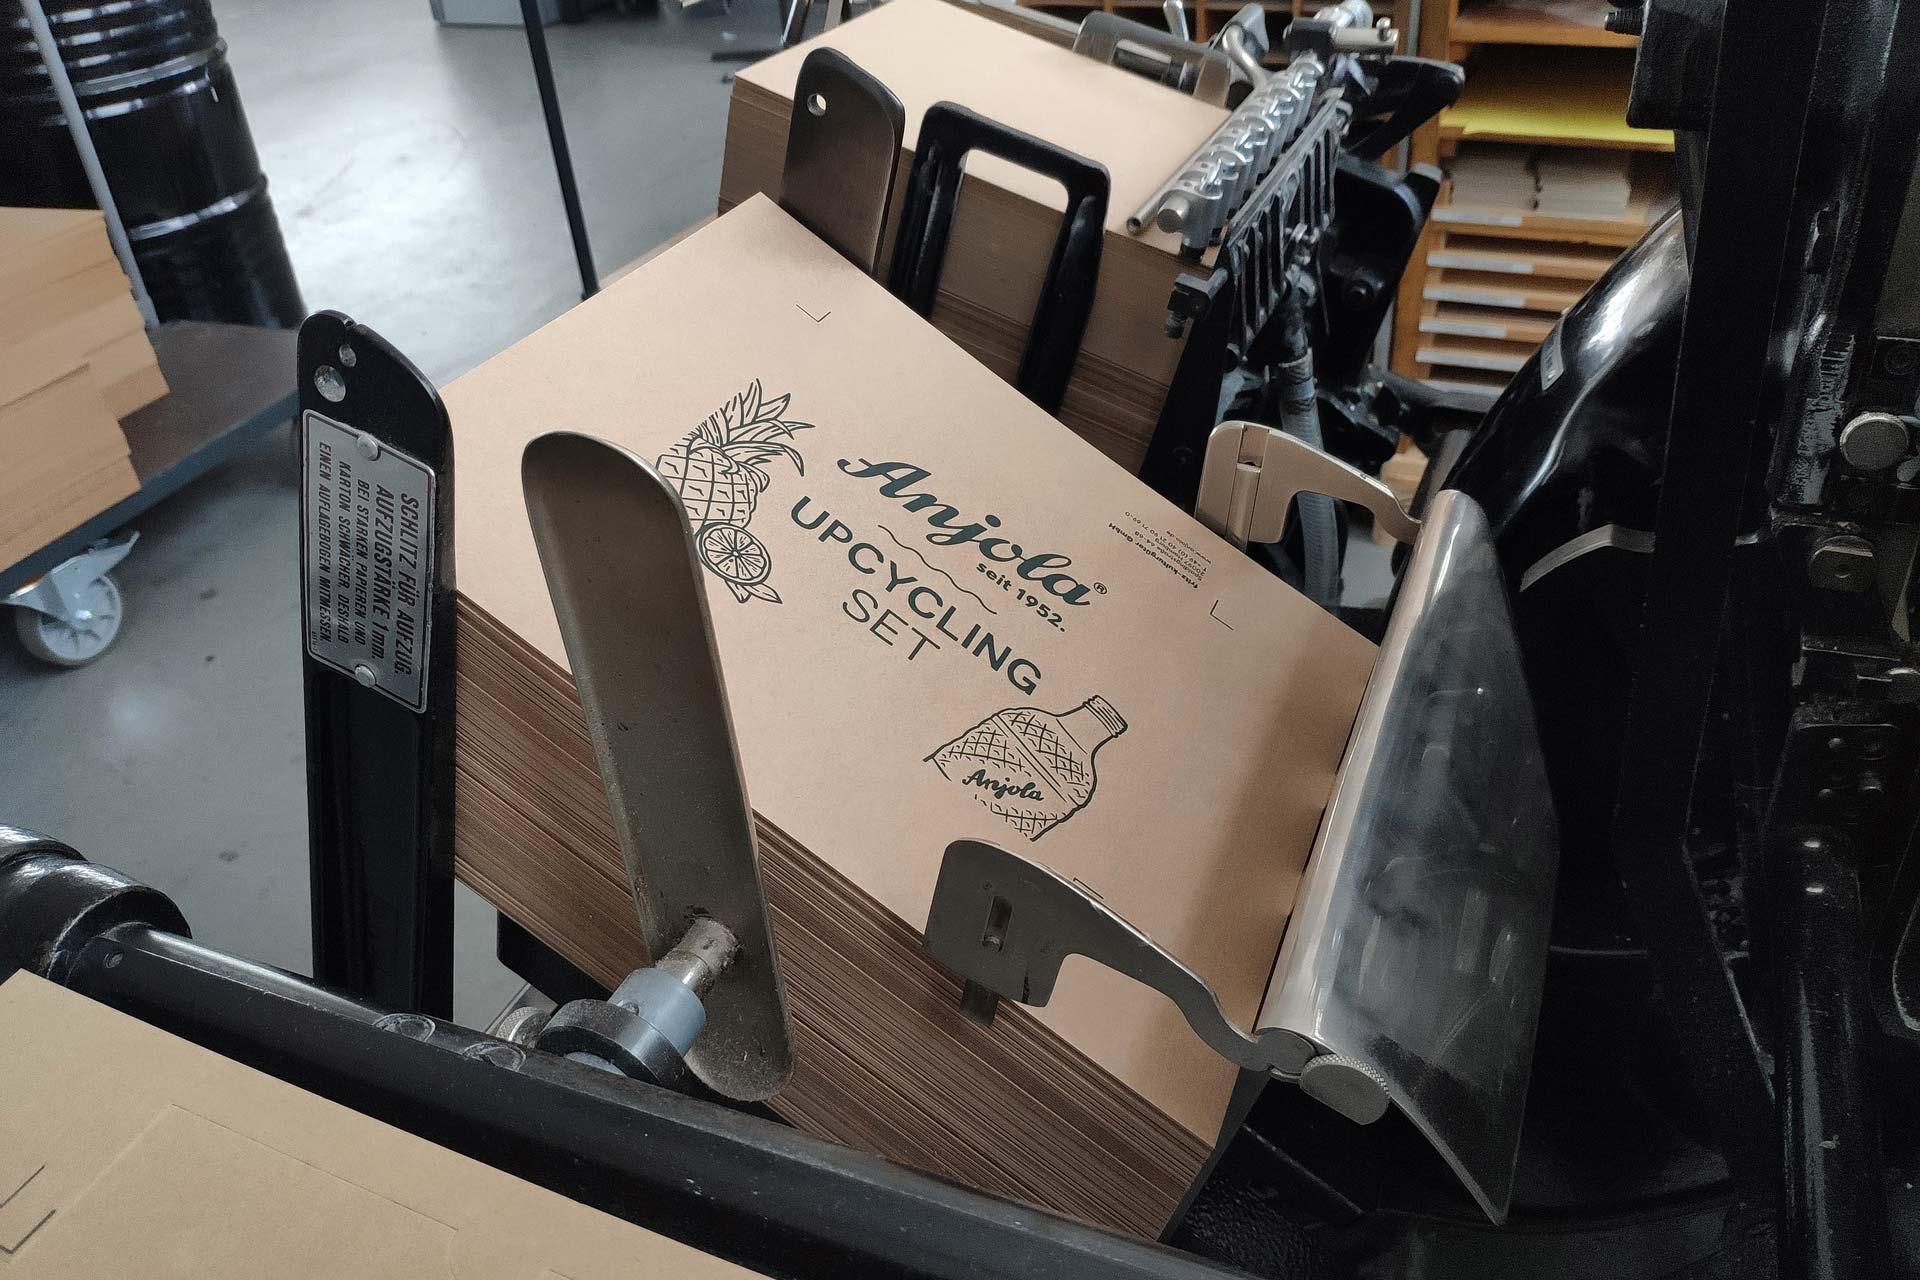 Anjola Upcycling Packaging